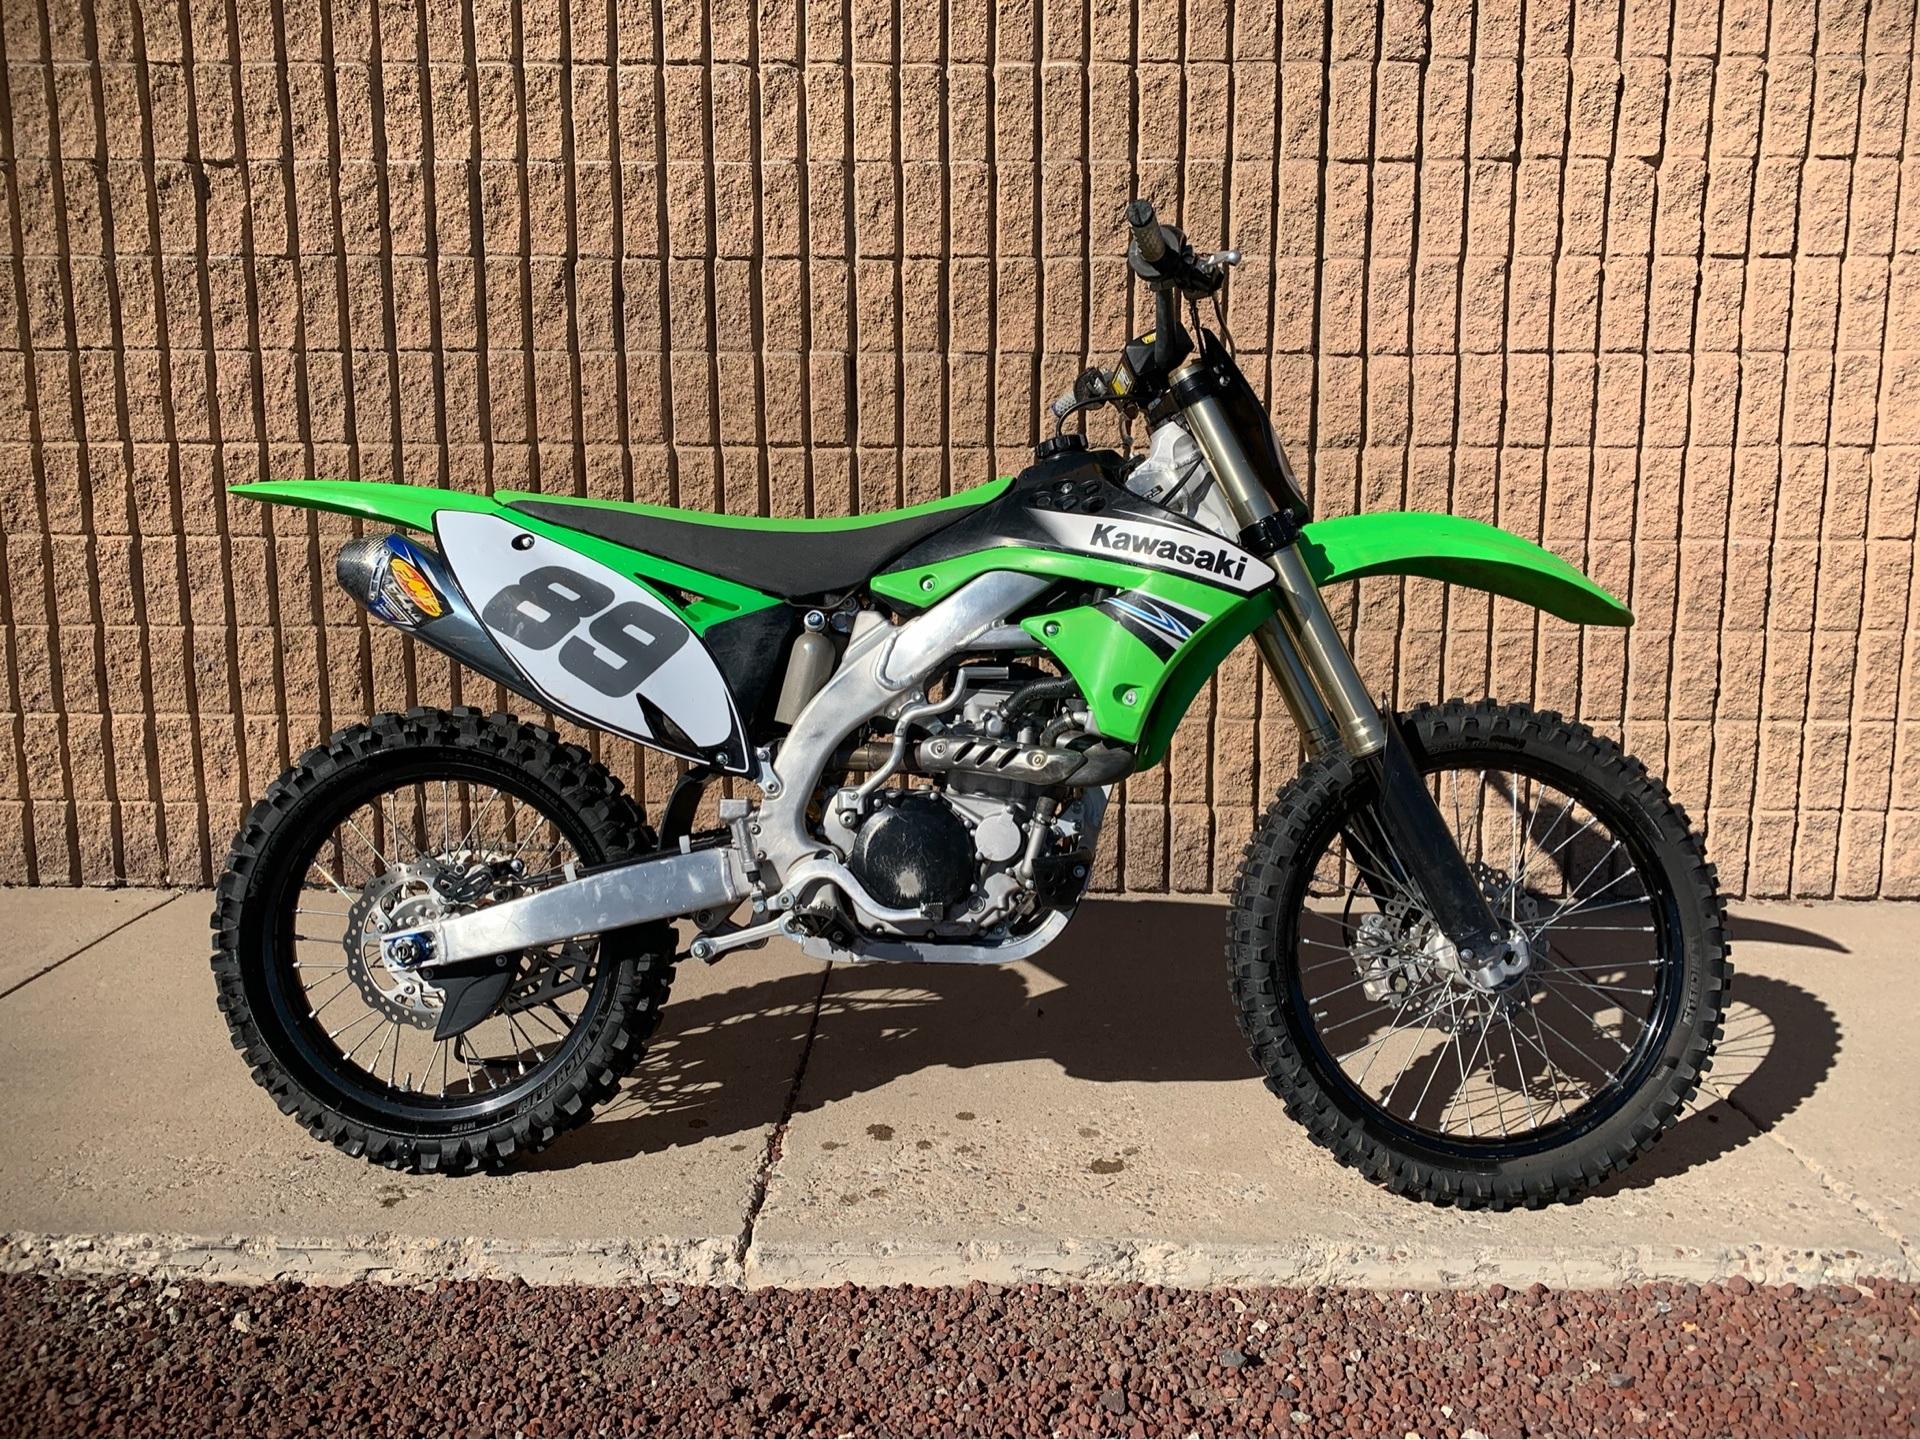 2011 Kawasaki KX450F 1